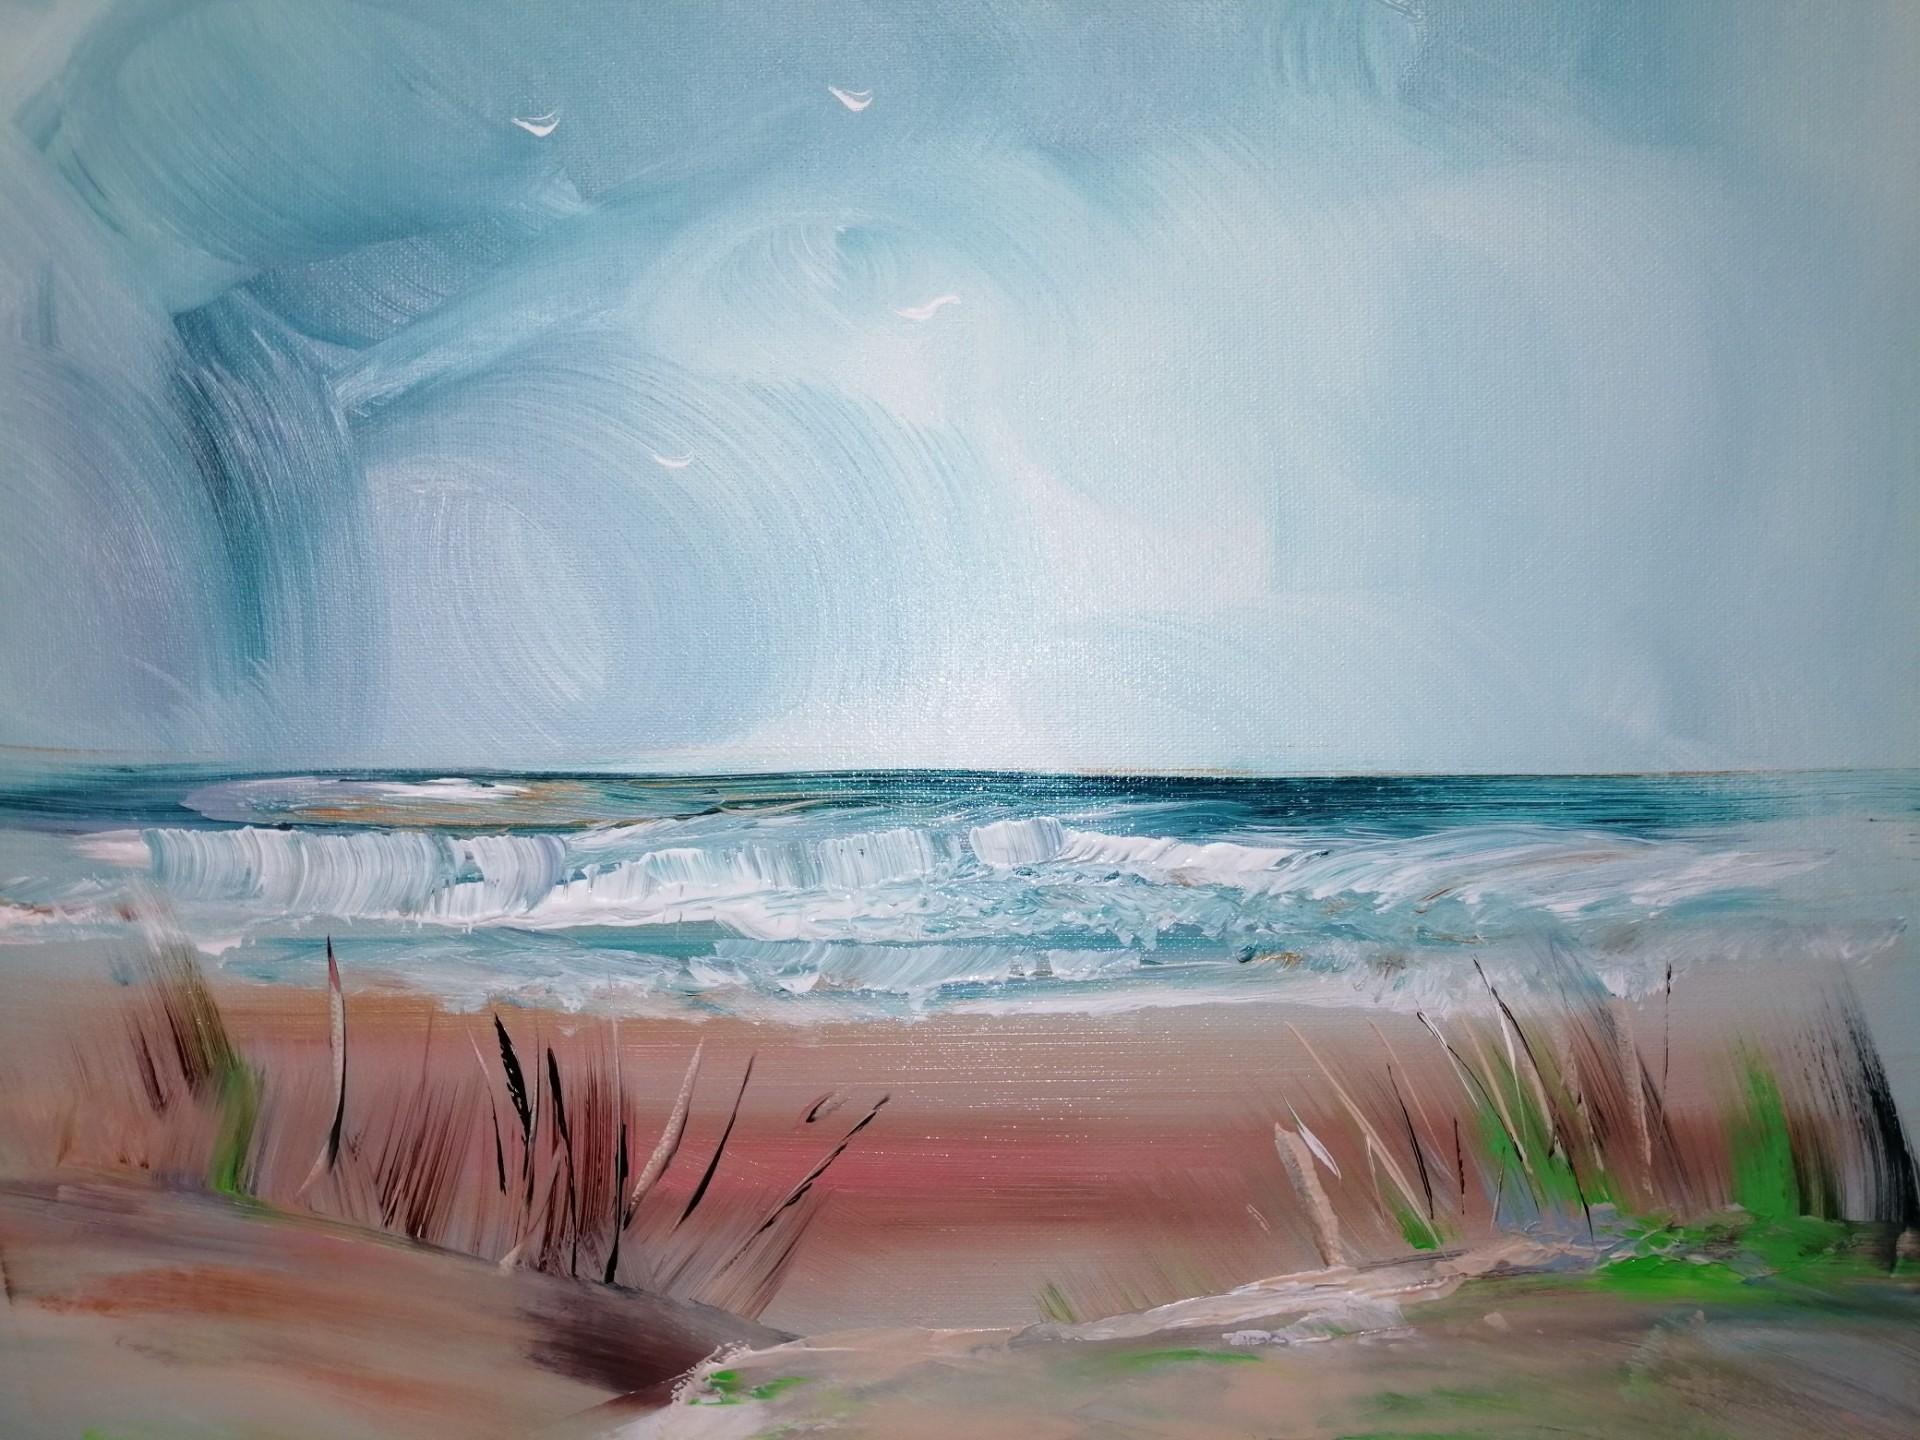 la plage déserte ! rendons la nature à la nature !